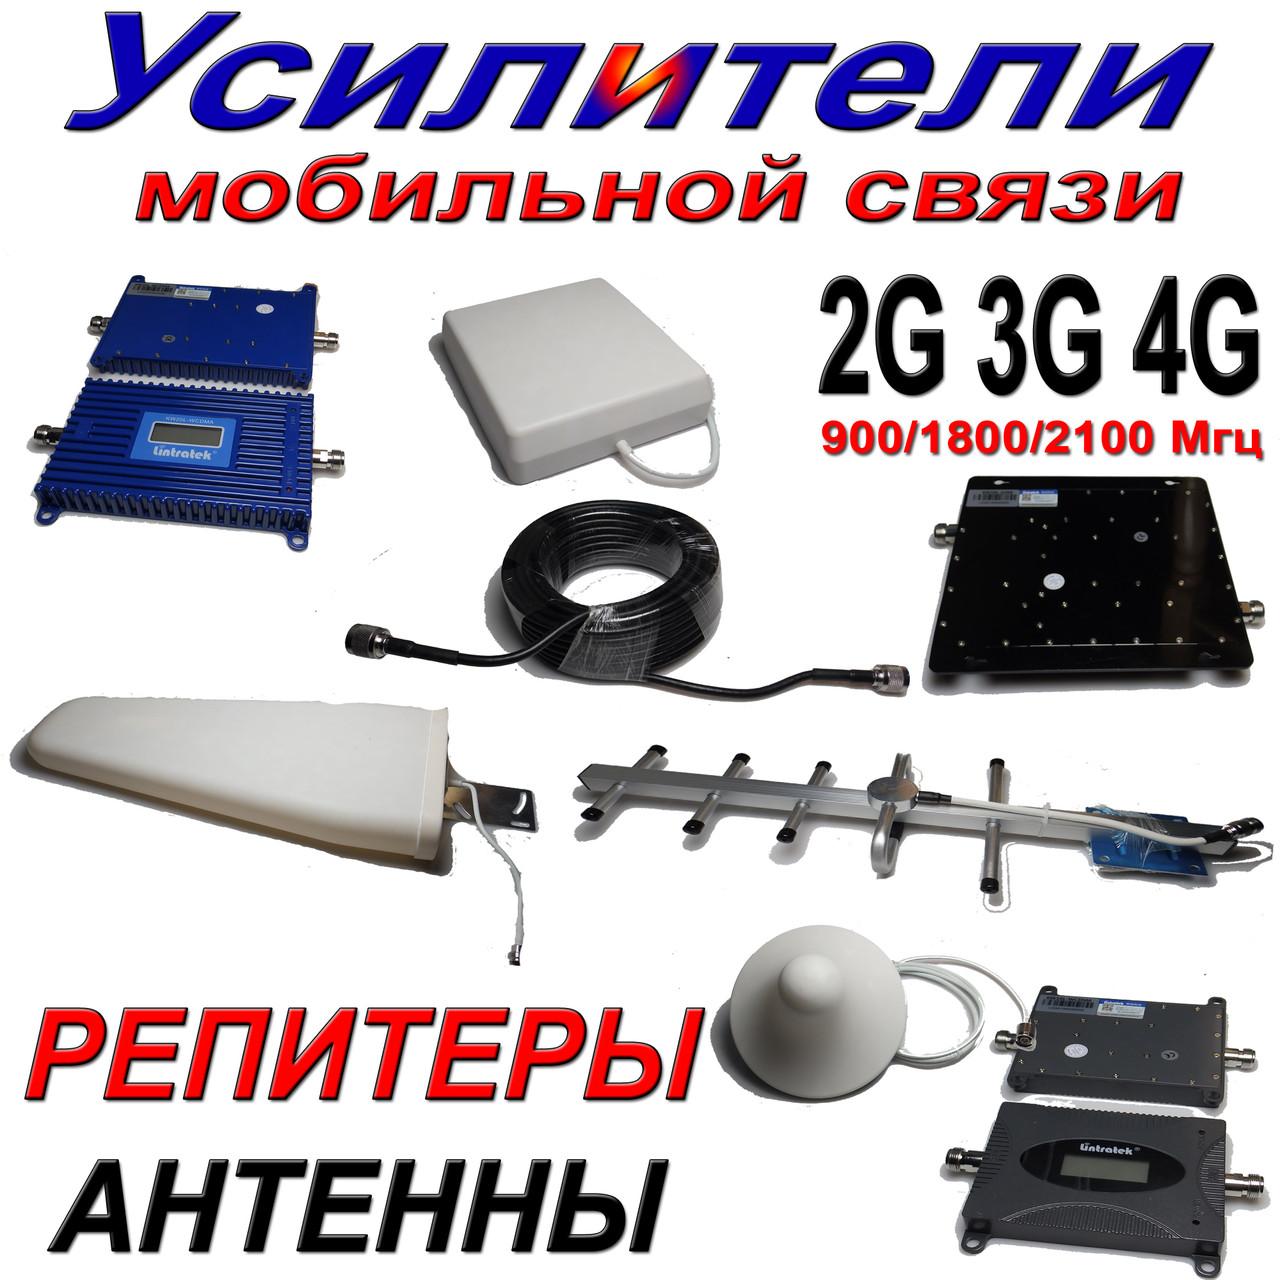 GSM репитер усилитель мобильной сотовой связи 900 Мгц Lintratek KW20L-GSM +Подарок +Скидка